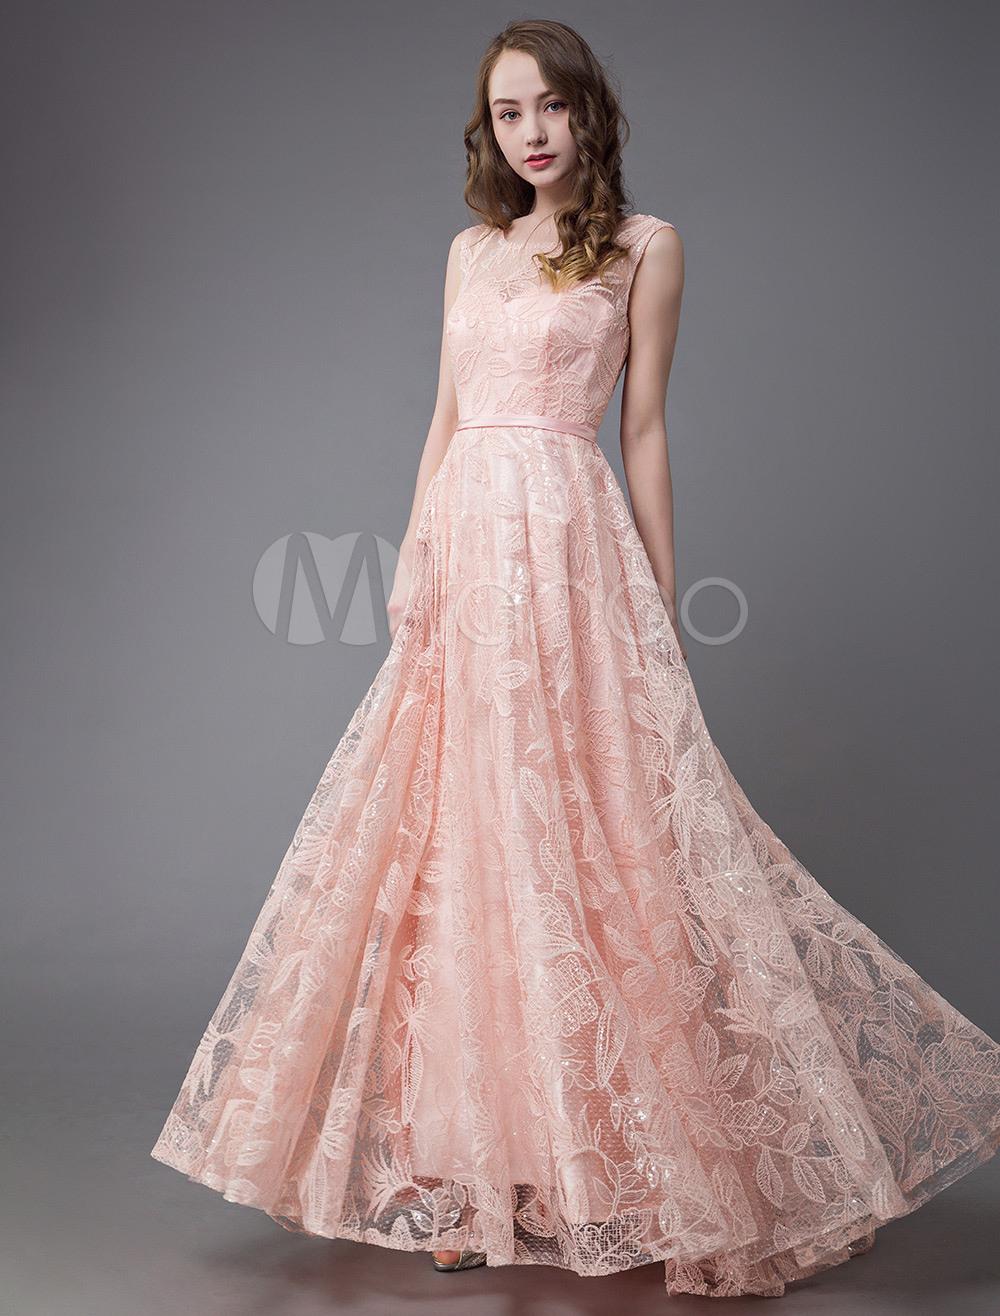 10 Genial Abendkleid Spitze Lang Vertrieb13 Top Abendkleid Spitze Lang Stylish